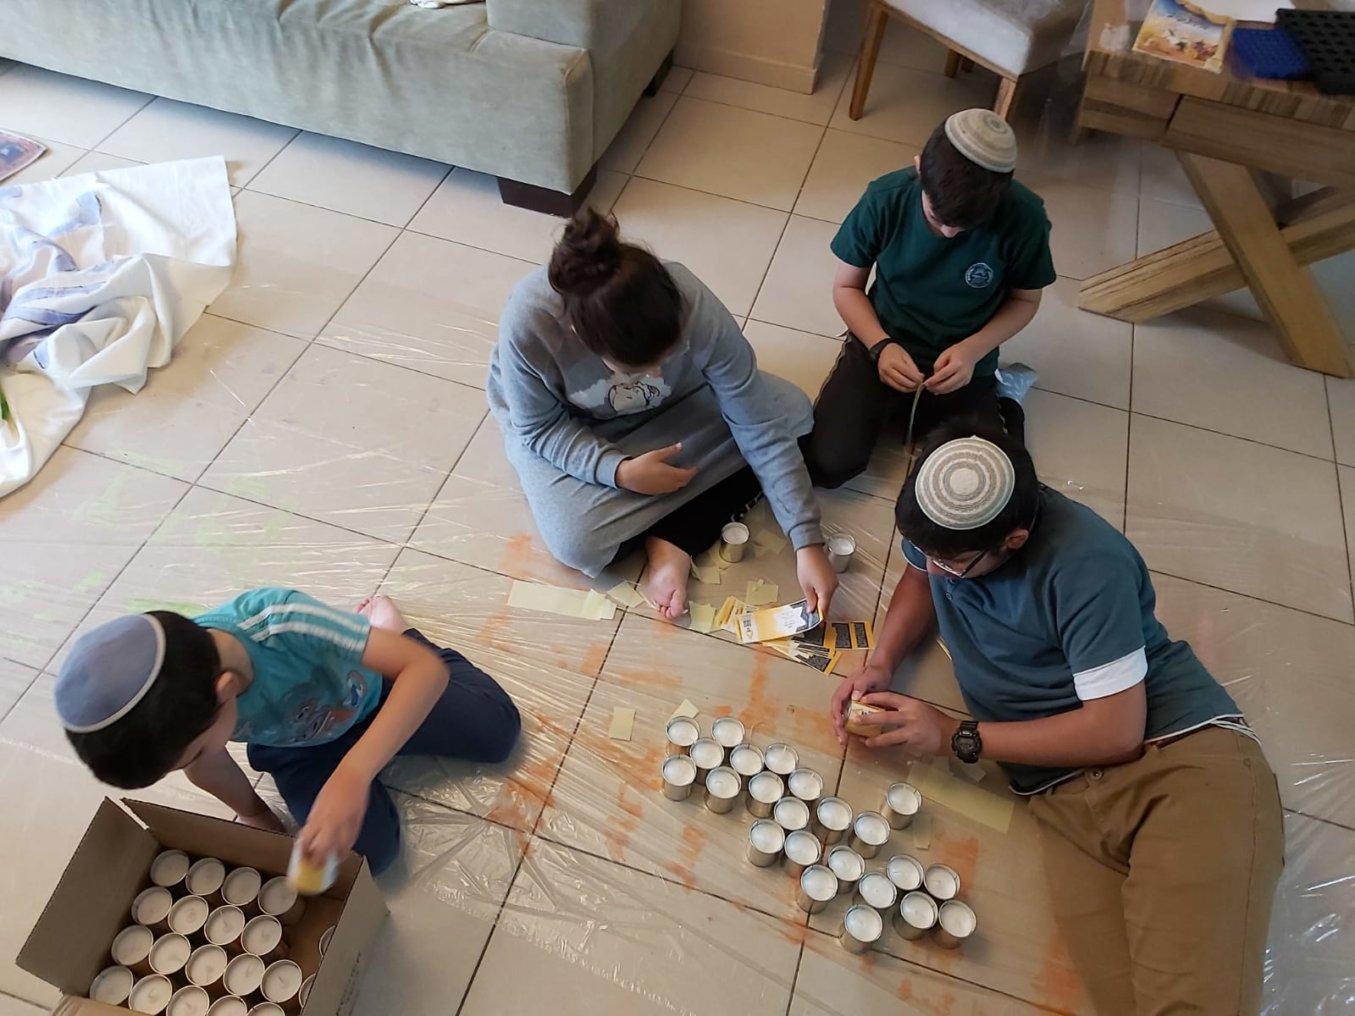 משפחת כהנא מתנדבת בהדבקת תוויות על נרות זיכרון אישיים